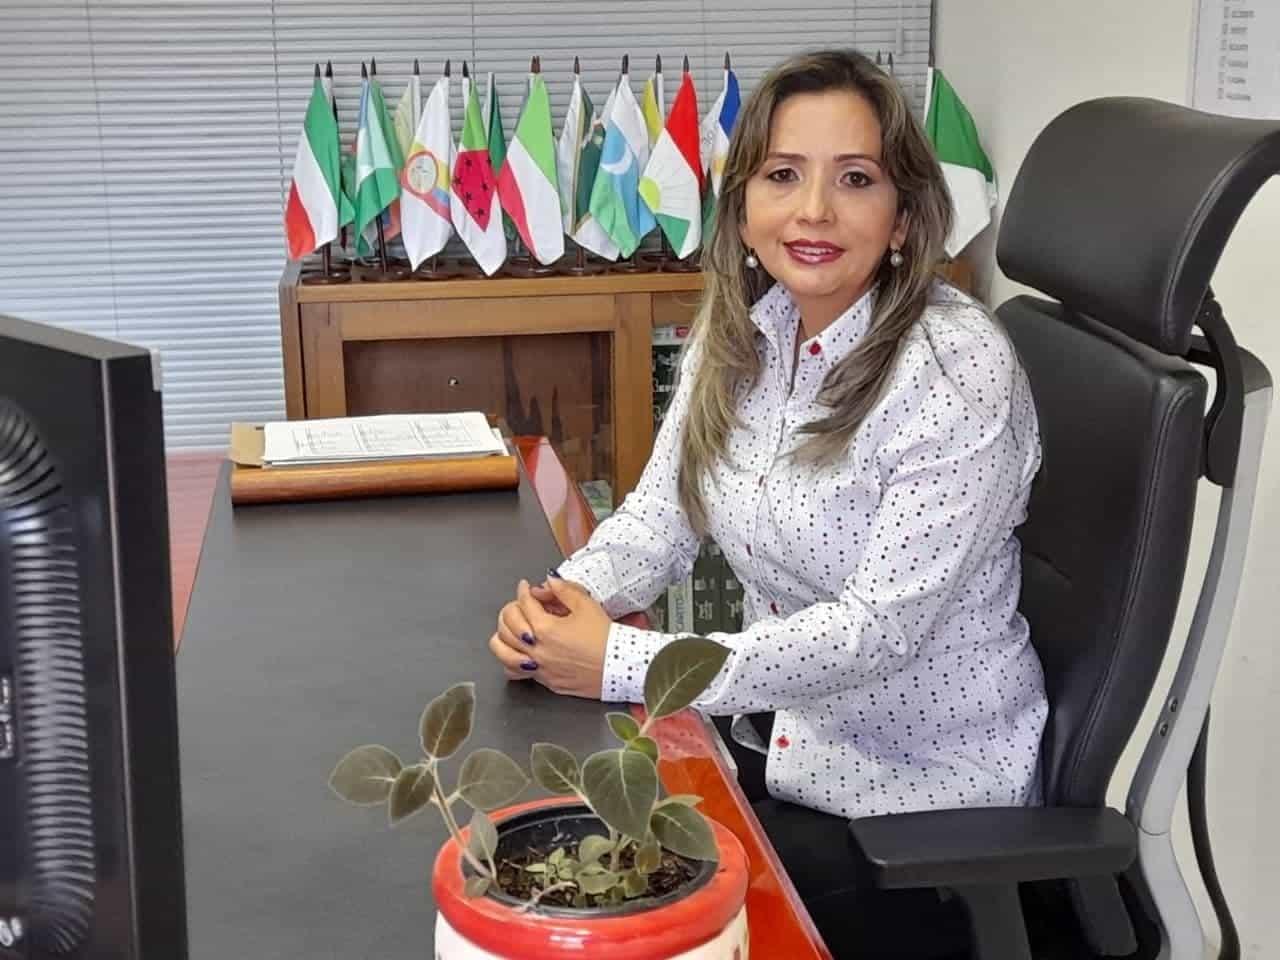 El domingo podrán votar 91.725 personas en Duitama en las elecciones atípicas para alcalde #LaEntrevista7días 1